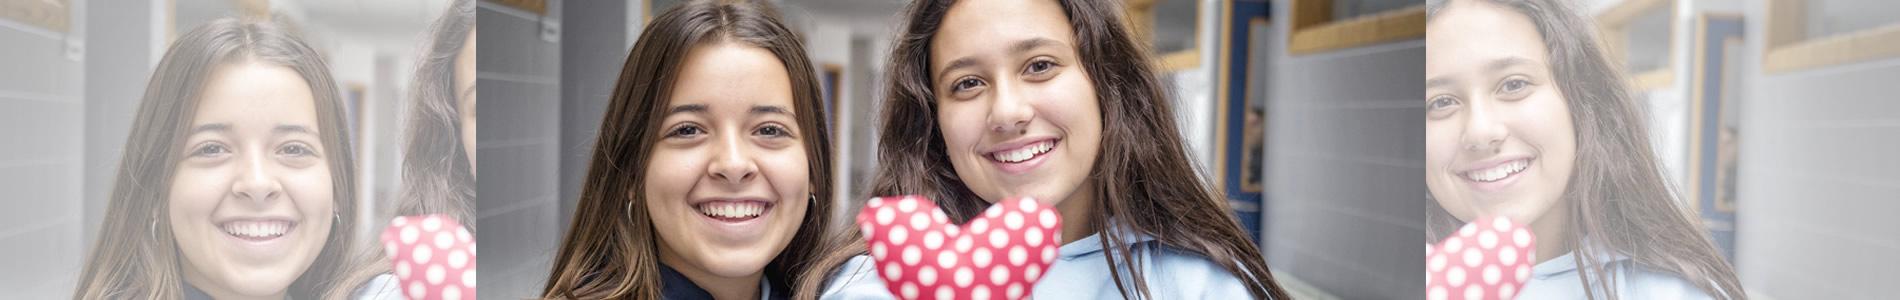 COLEGIO MAYOL - COLEGIO INTERNADO - EDUCACION INFANTIL GUARDERIA XXII